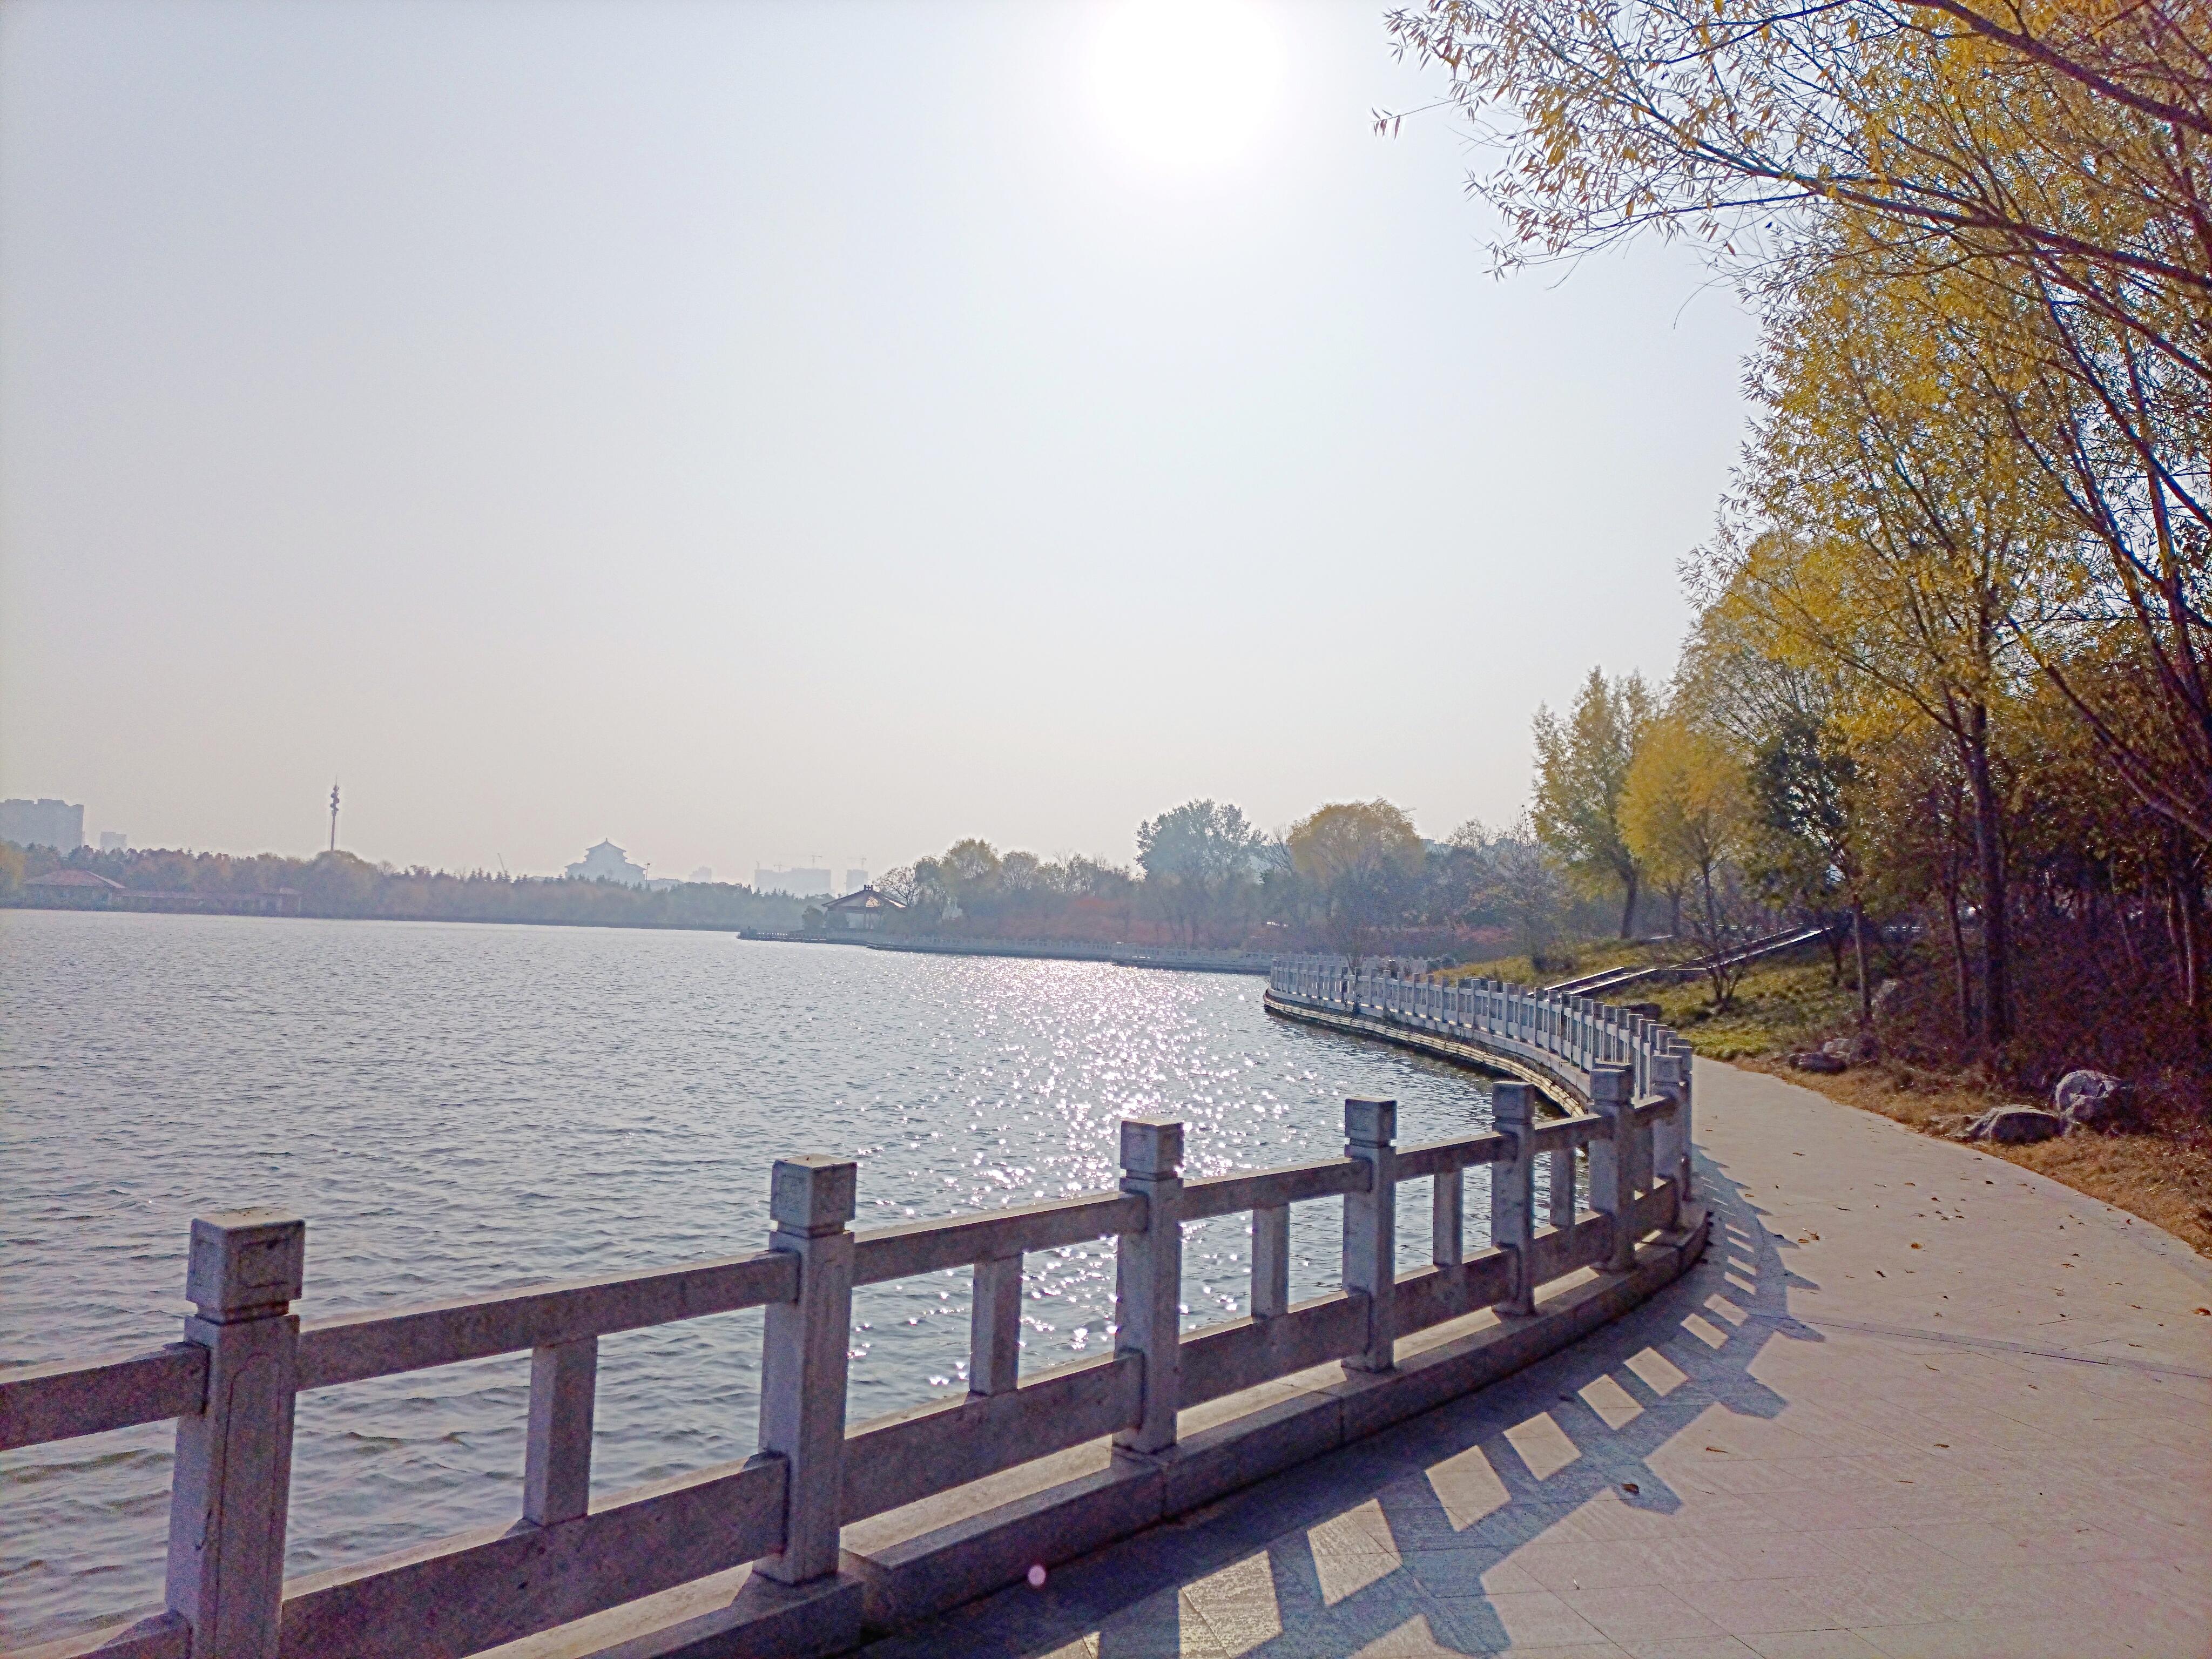 冬日暖阳照三川